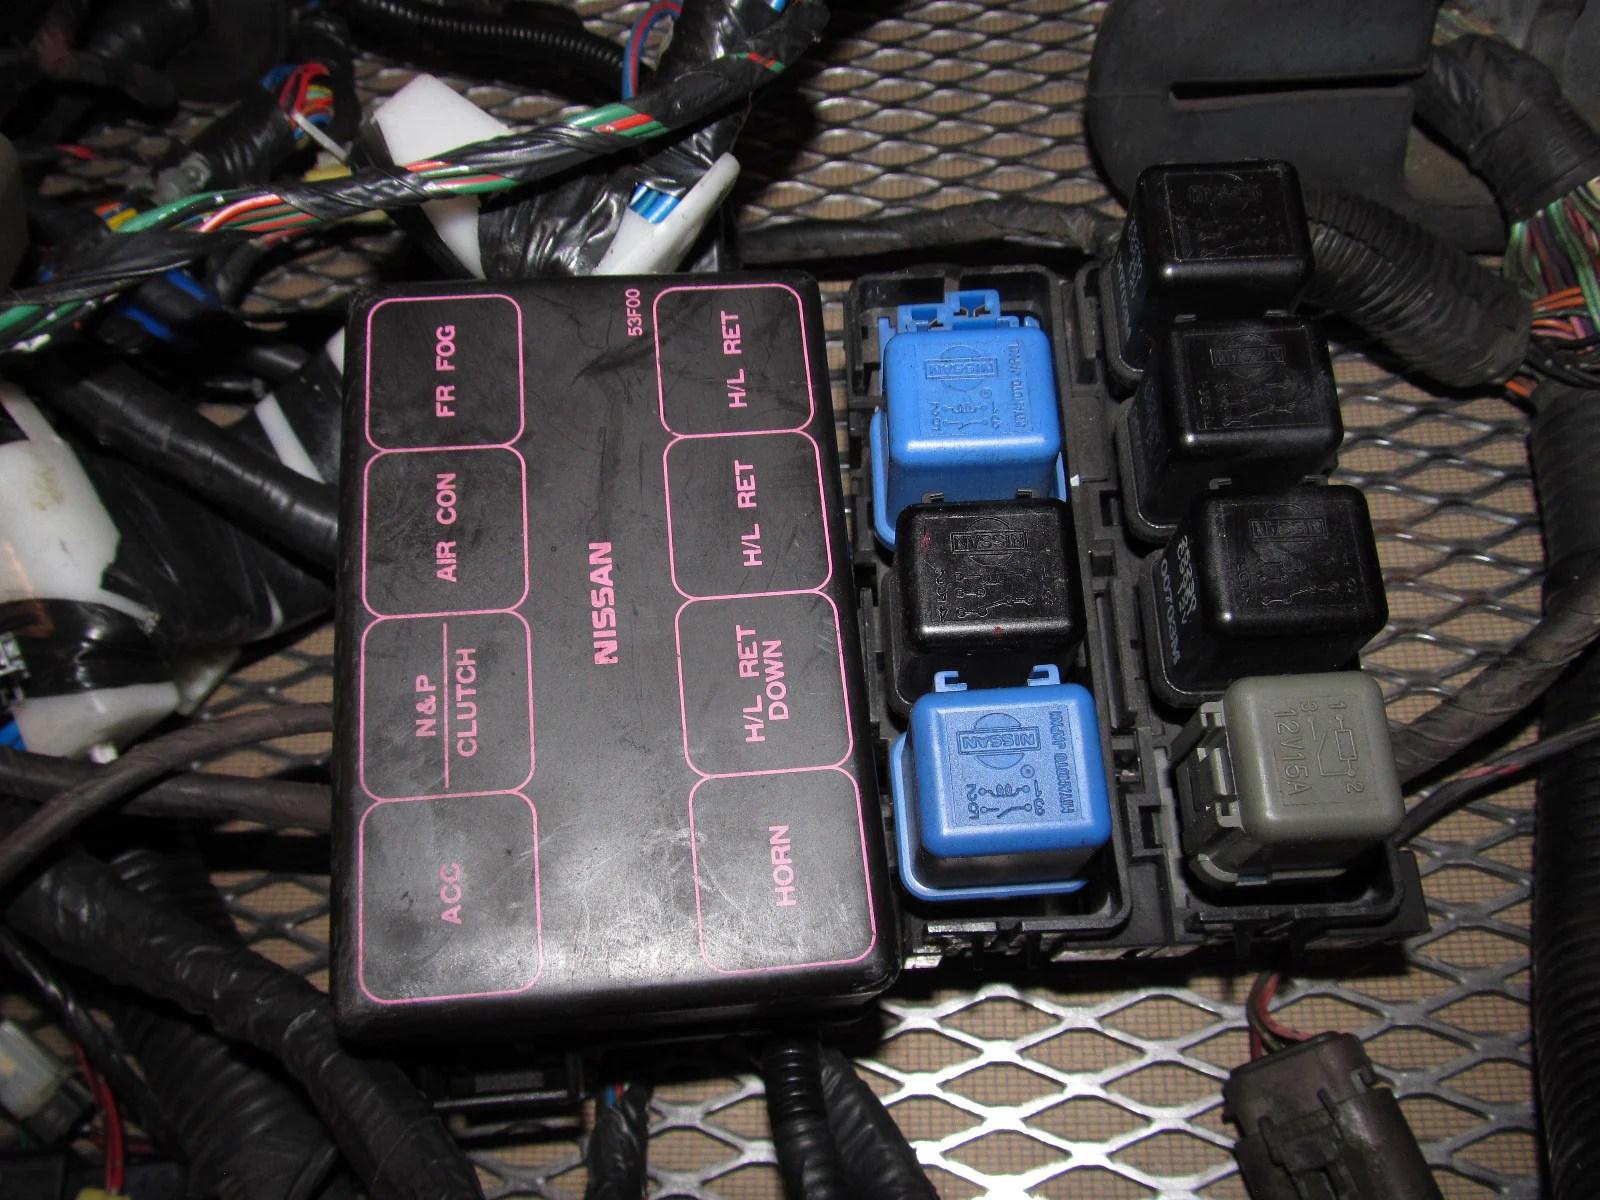 medium resolution of s13 240sx fuse box diagram wiring diagrams mon 89 240sx fuse box diagram